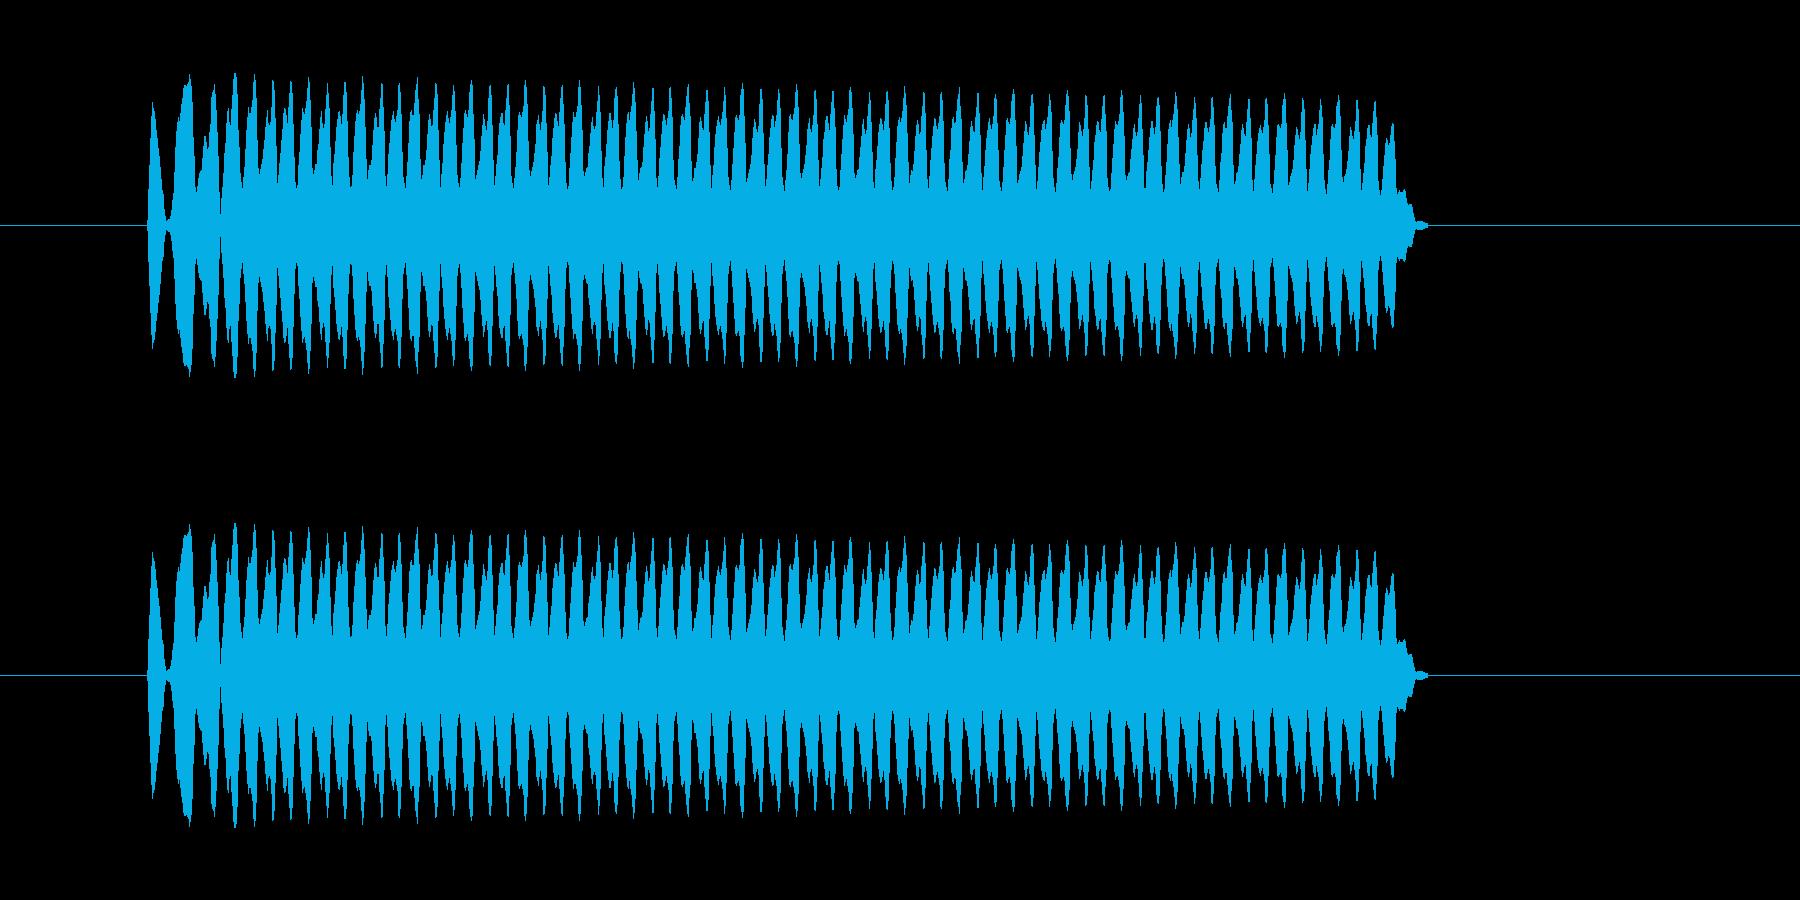 「ピー (ホイッスルの音)」の再生済みの波形